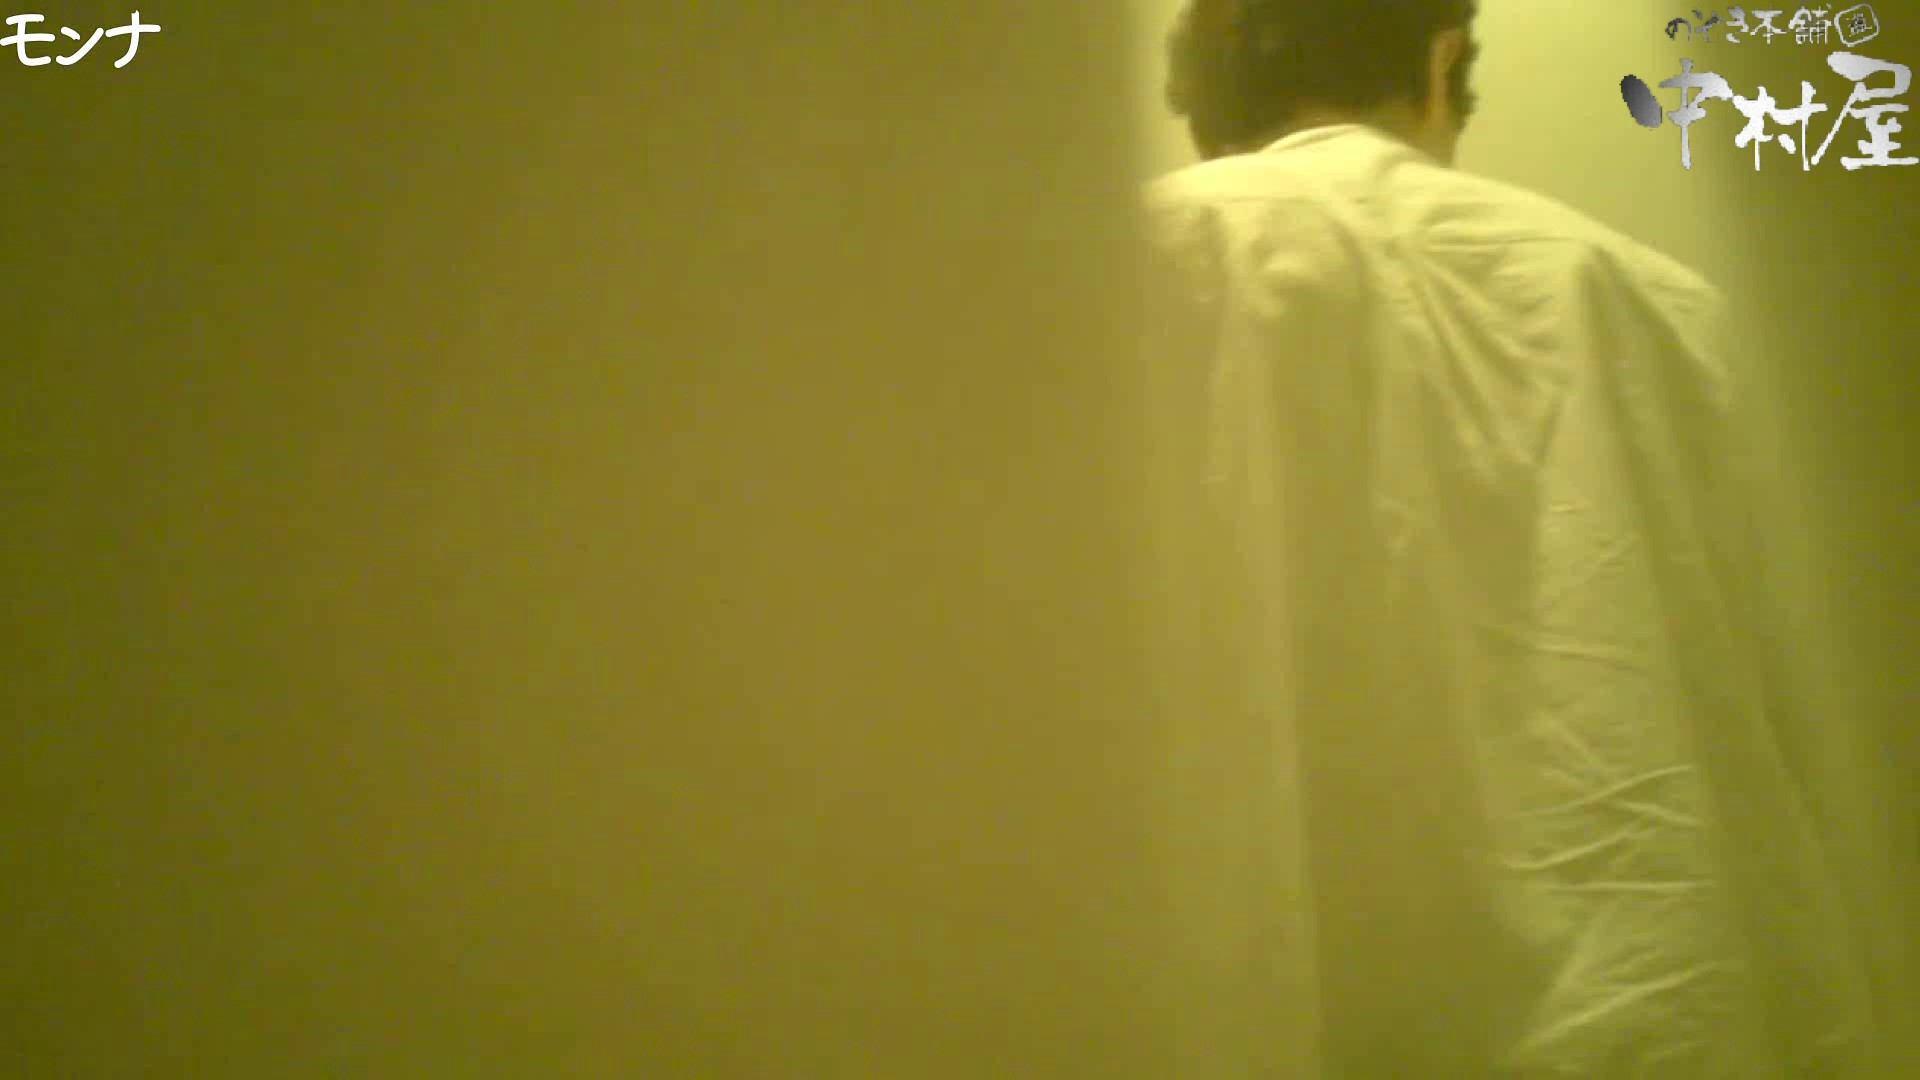 有名大学女性洗面所 vol.66 清楚系女子をがっつり!! 潜入突撃 盗み撮り動画キャプチャ 82pic 70